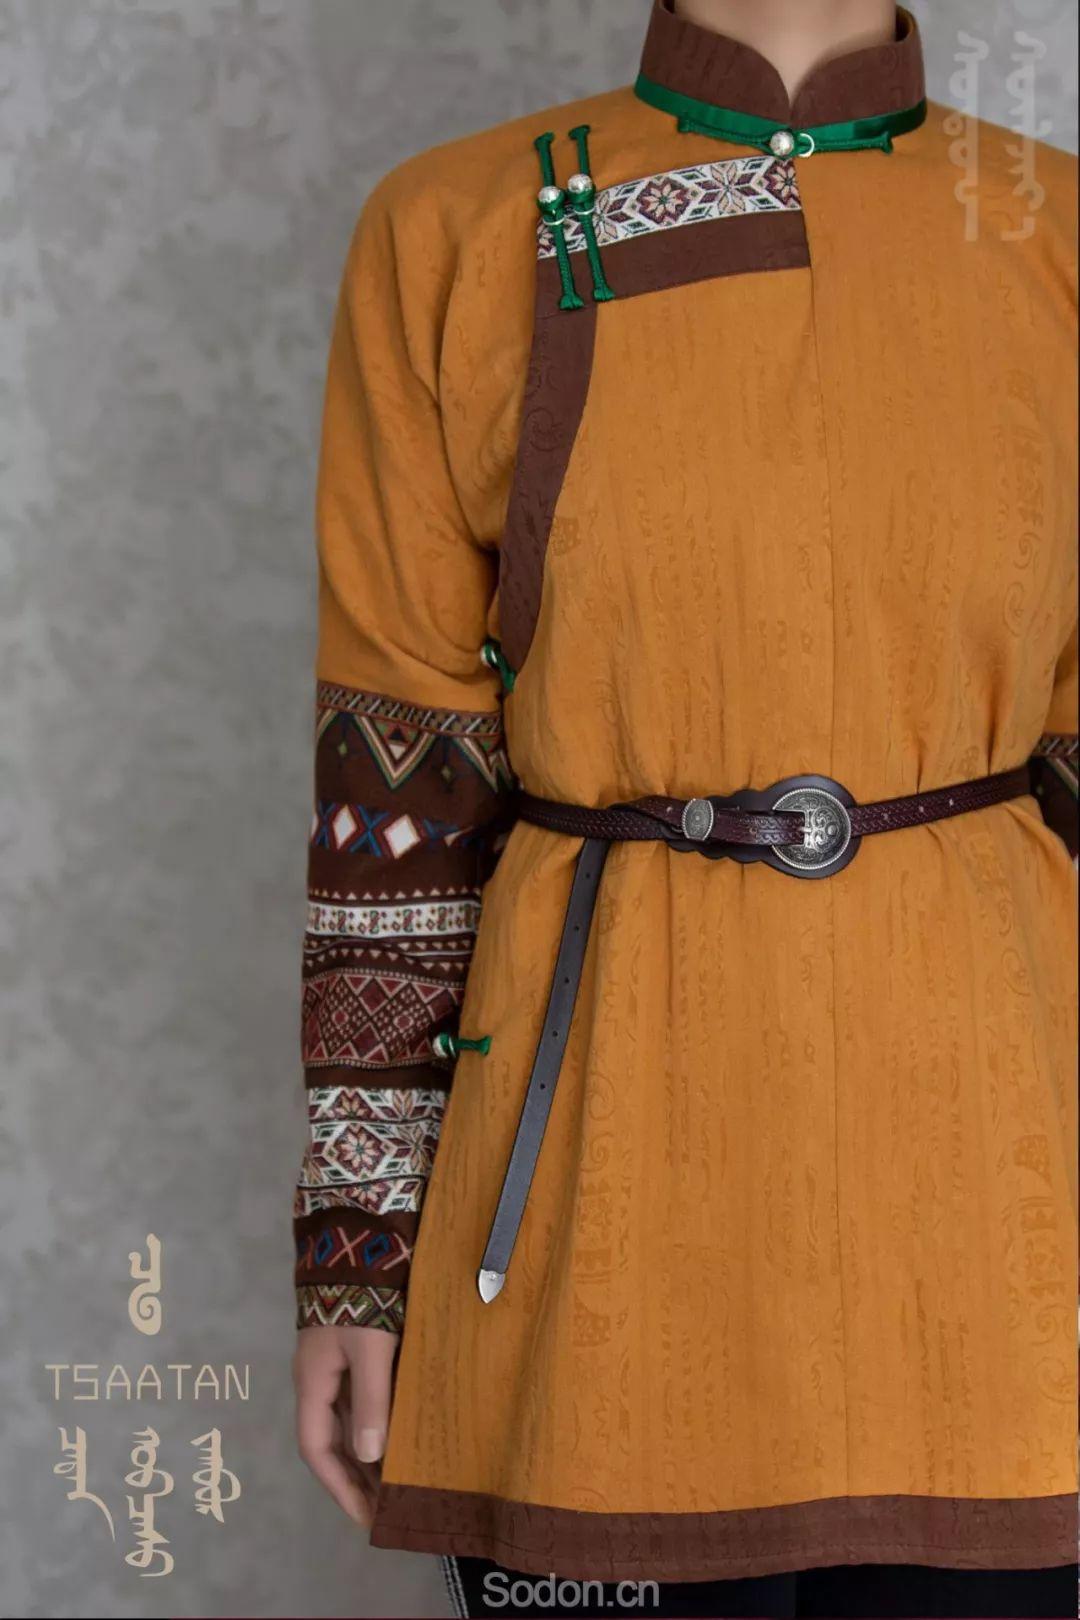 TSAATAN蒙古时装秋冬系列,来自驯鹿人的独特魅力! 第65张 TSAATAN蒙古时装秋冬系列,来自驯鹿人的独特魅力! 蒙古服饰